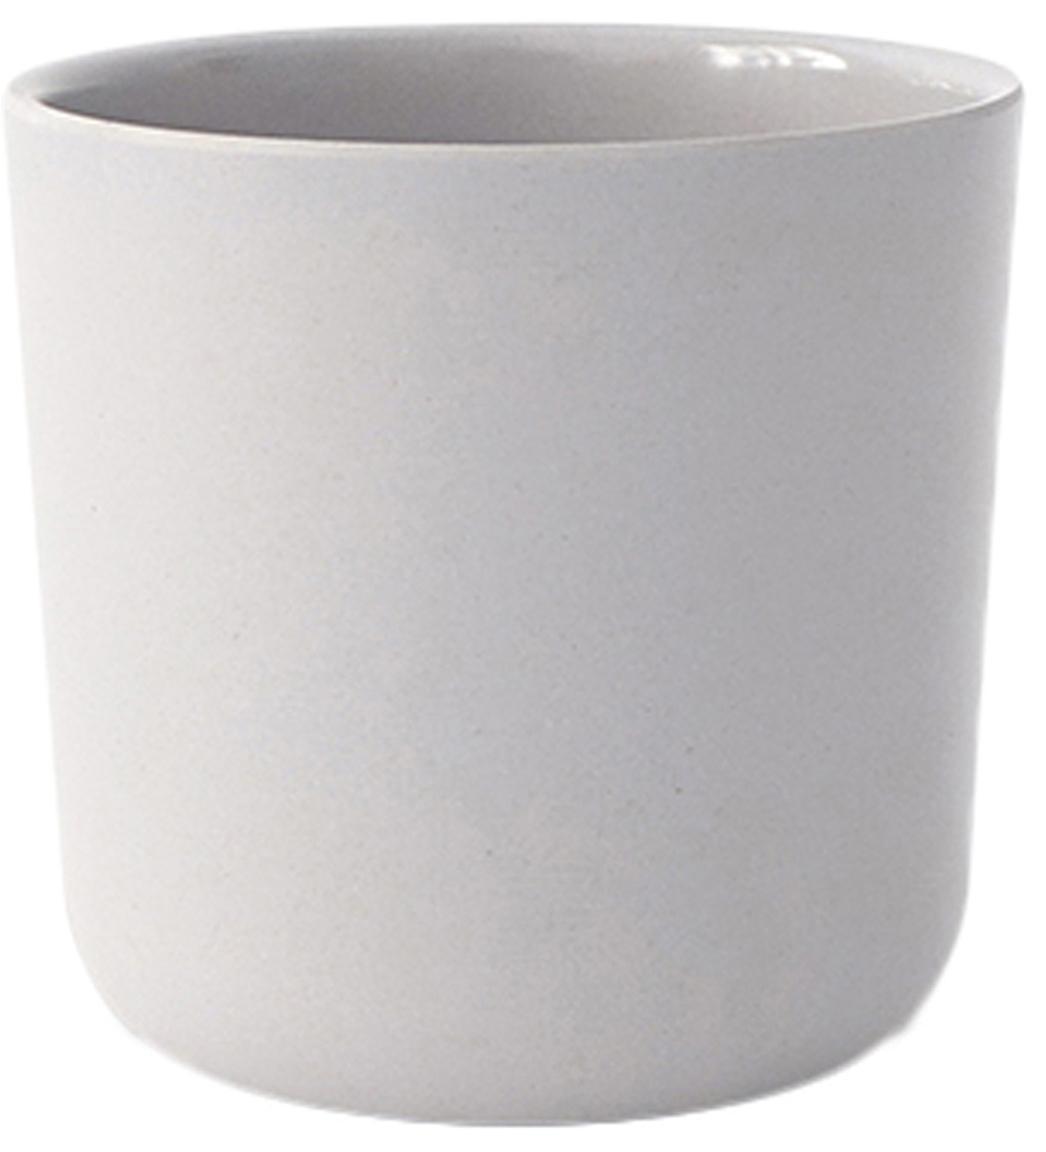 Set tazze senza manico in bambù Bambino 2 pz, Fibra di bambù, melamina, adatto per alimenti Senza BPA, PVC e senza ftalati, Grigio chiaro, 250 ml